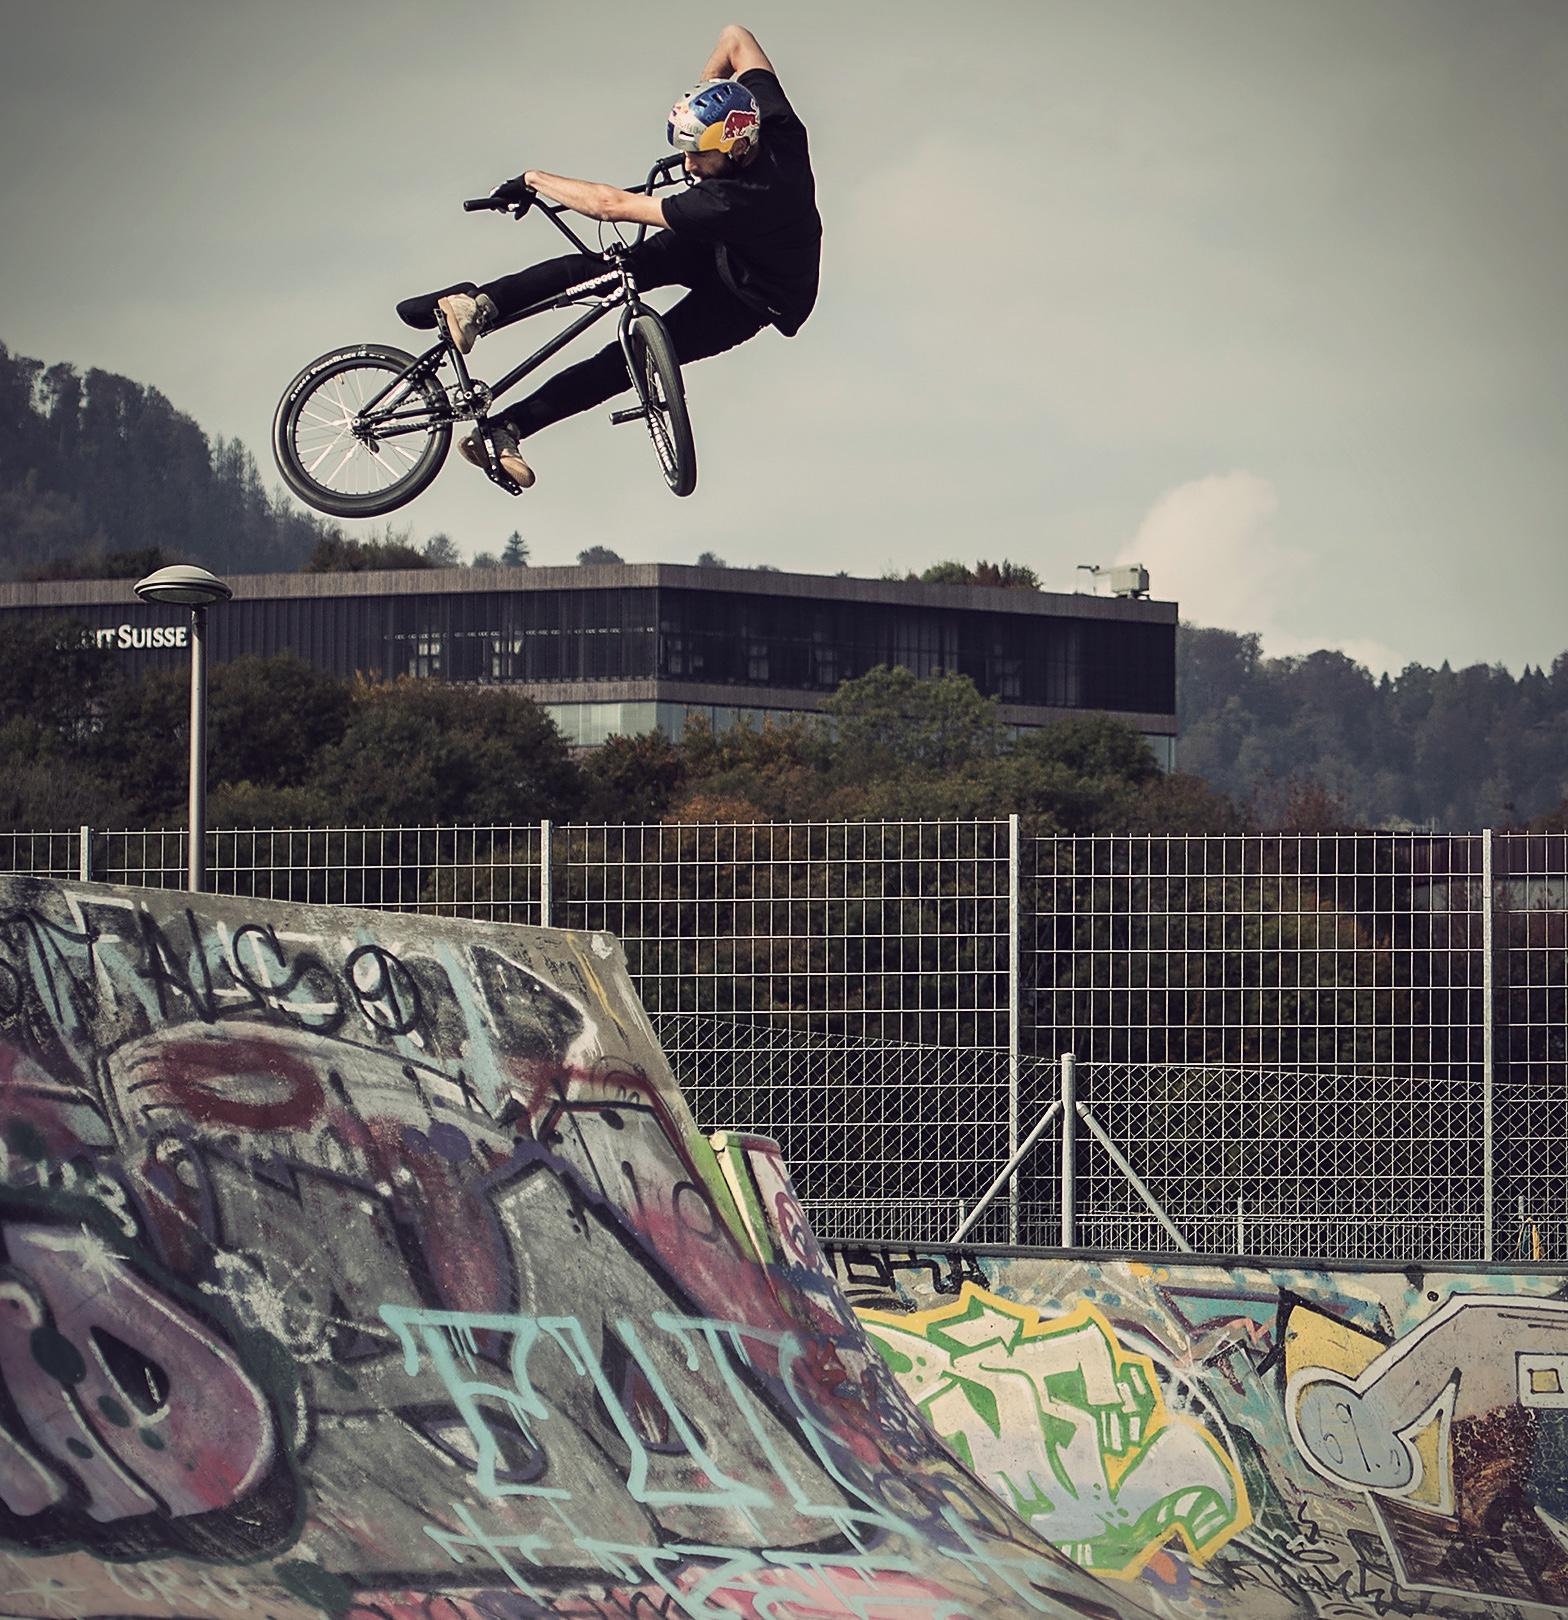 bm Stopover in Zurich Daniel Wedemeijer